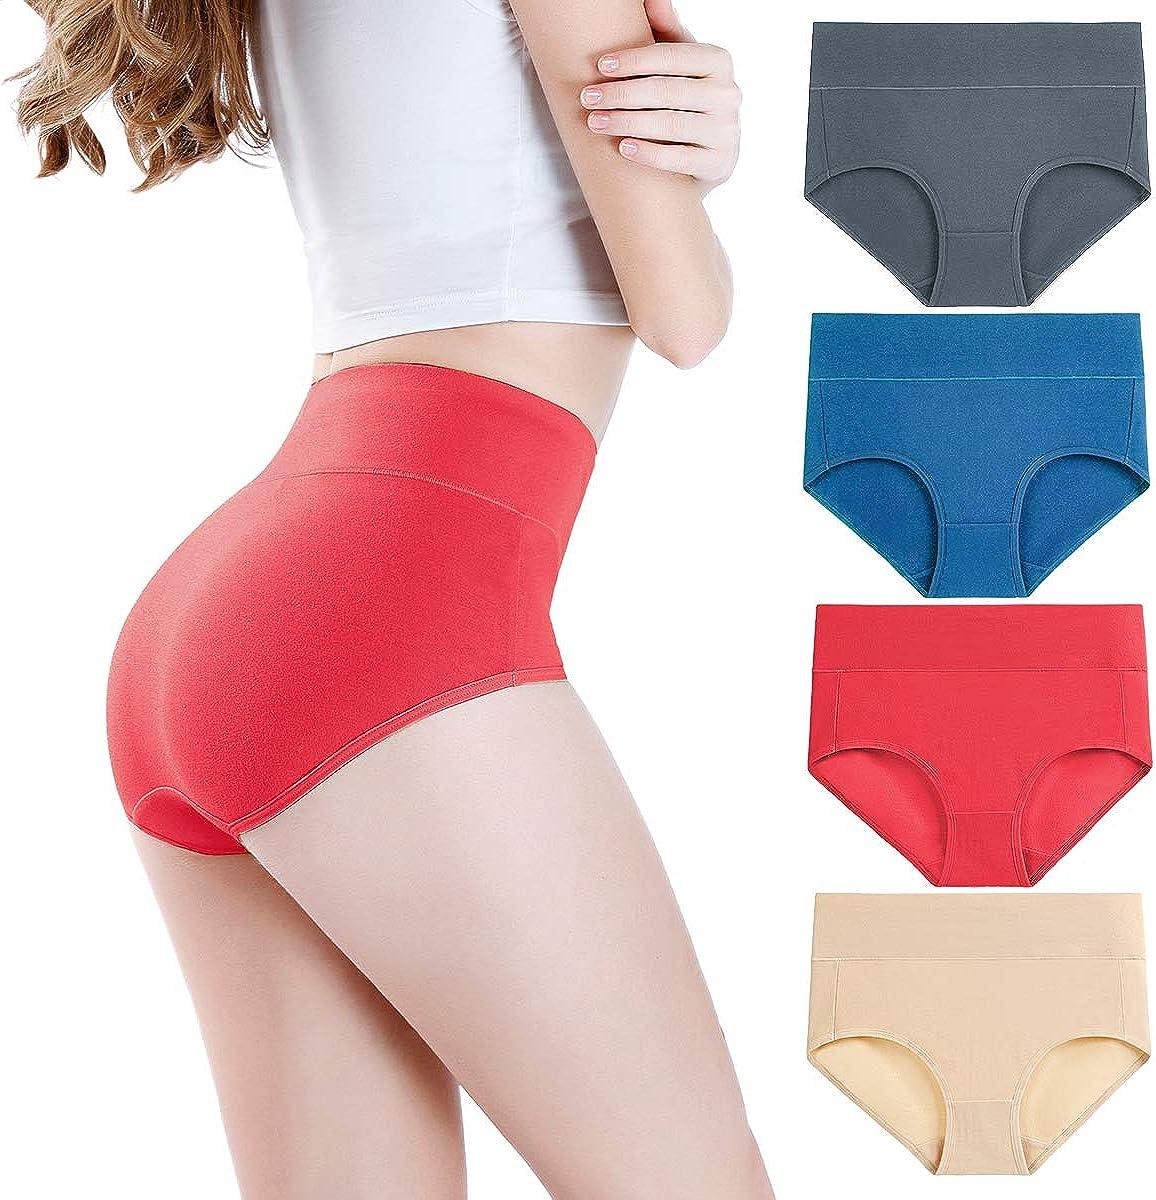 wirarpa Taillenslip Damen Unterhosen Mikrofaser Panties Slips Damen Unterwäsche mit Hoher Taille Ultra Weich Größe XS-XXXL